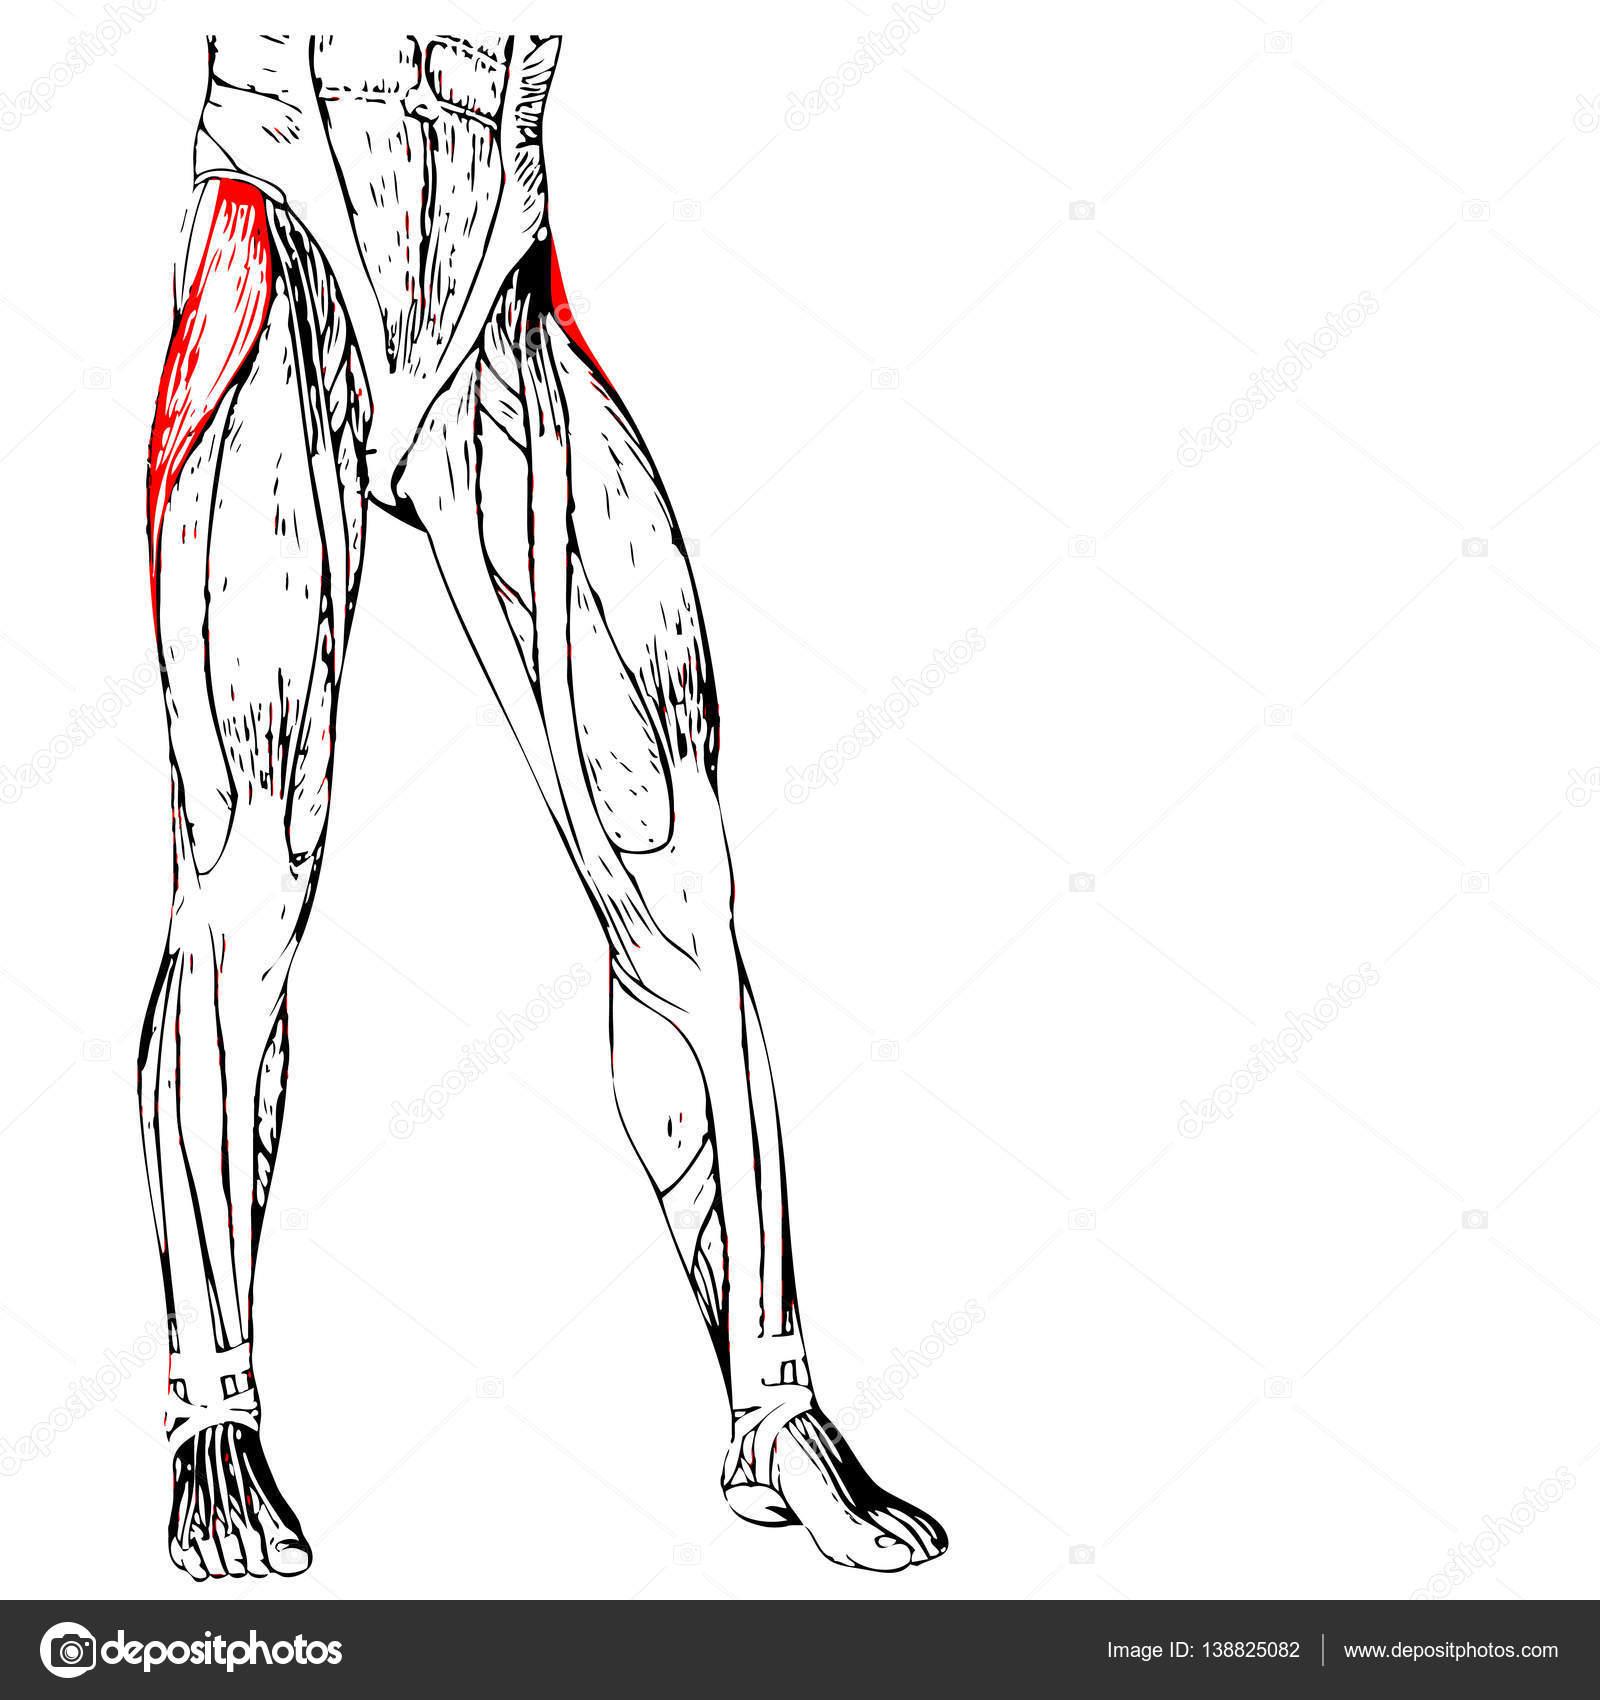 menschliche Oberschenkel-Anatomie — Stockfoto © design36 #138825082